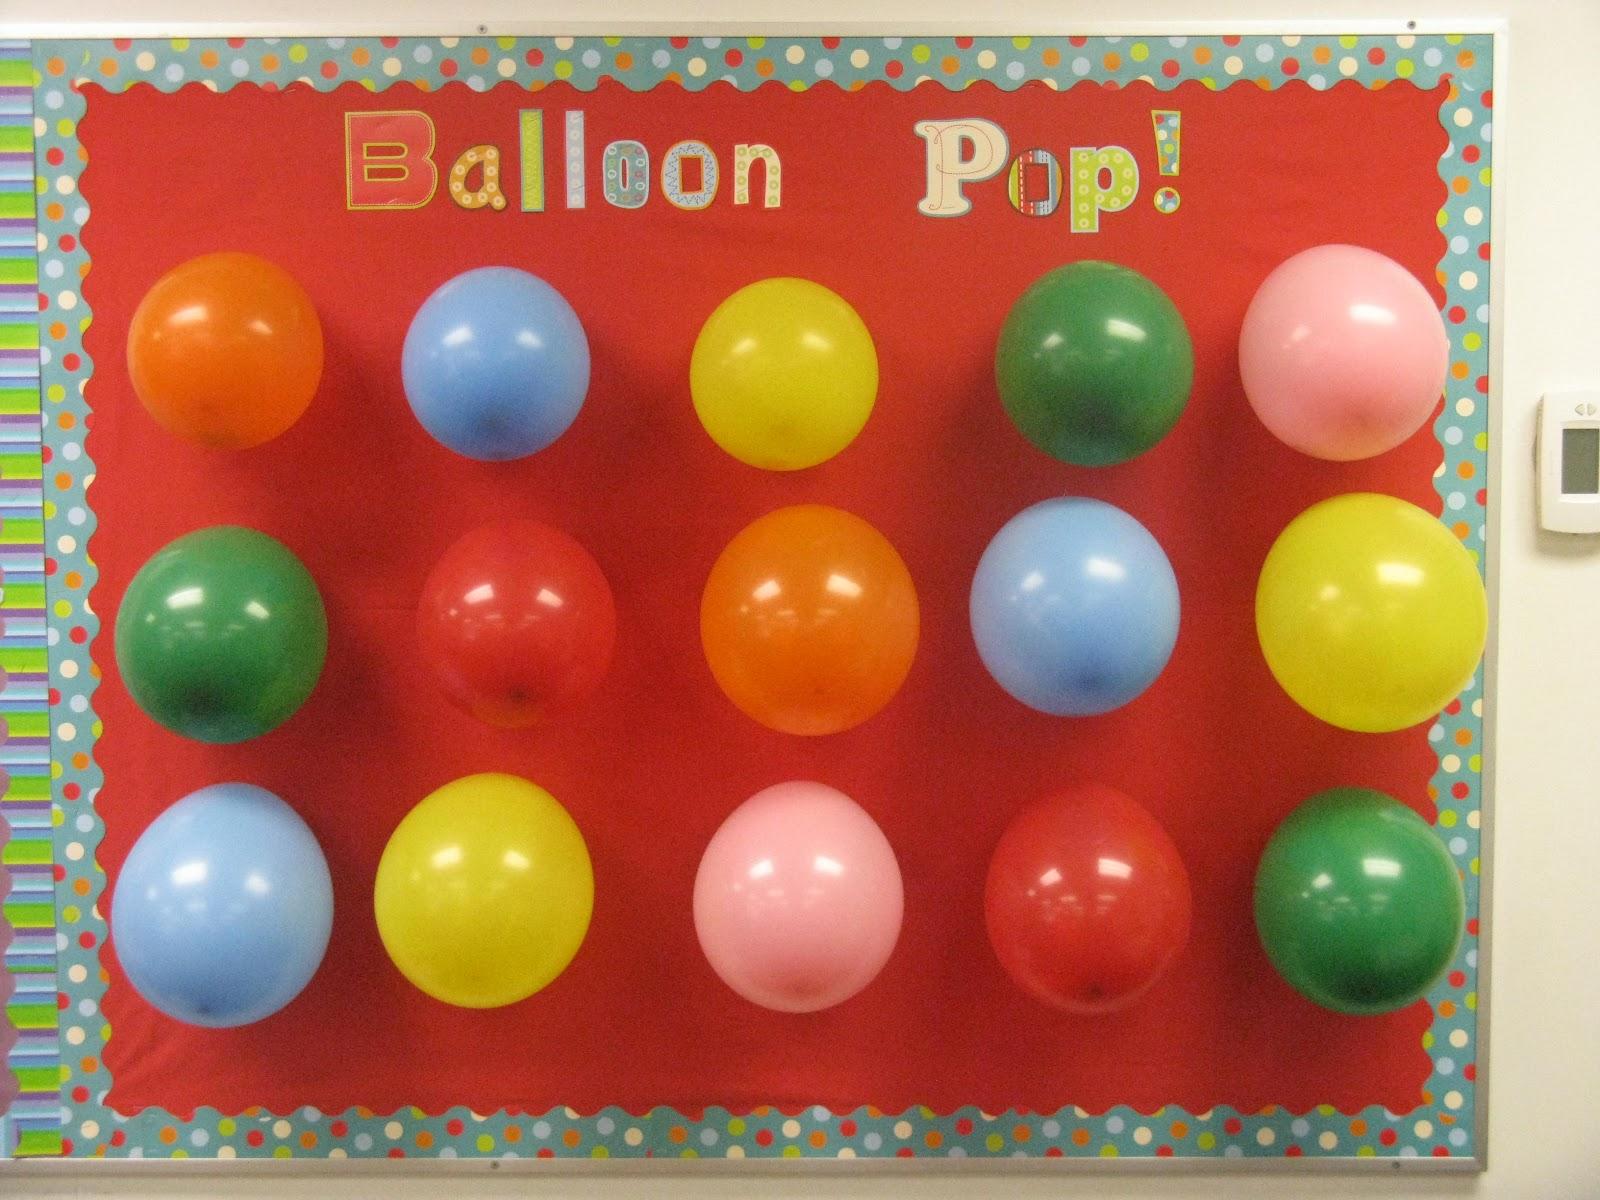 Ballon Pop bulletin board